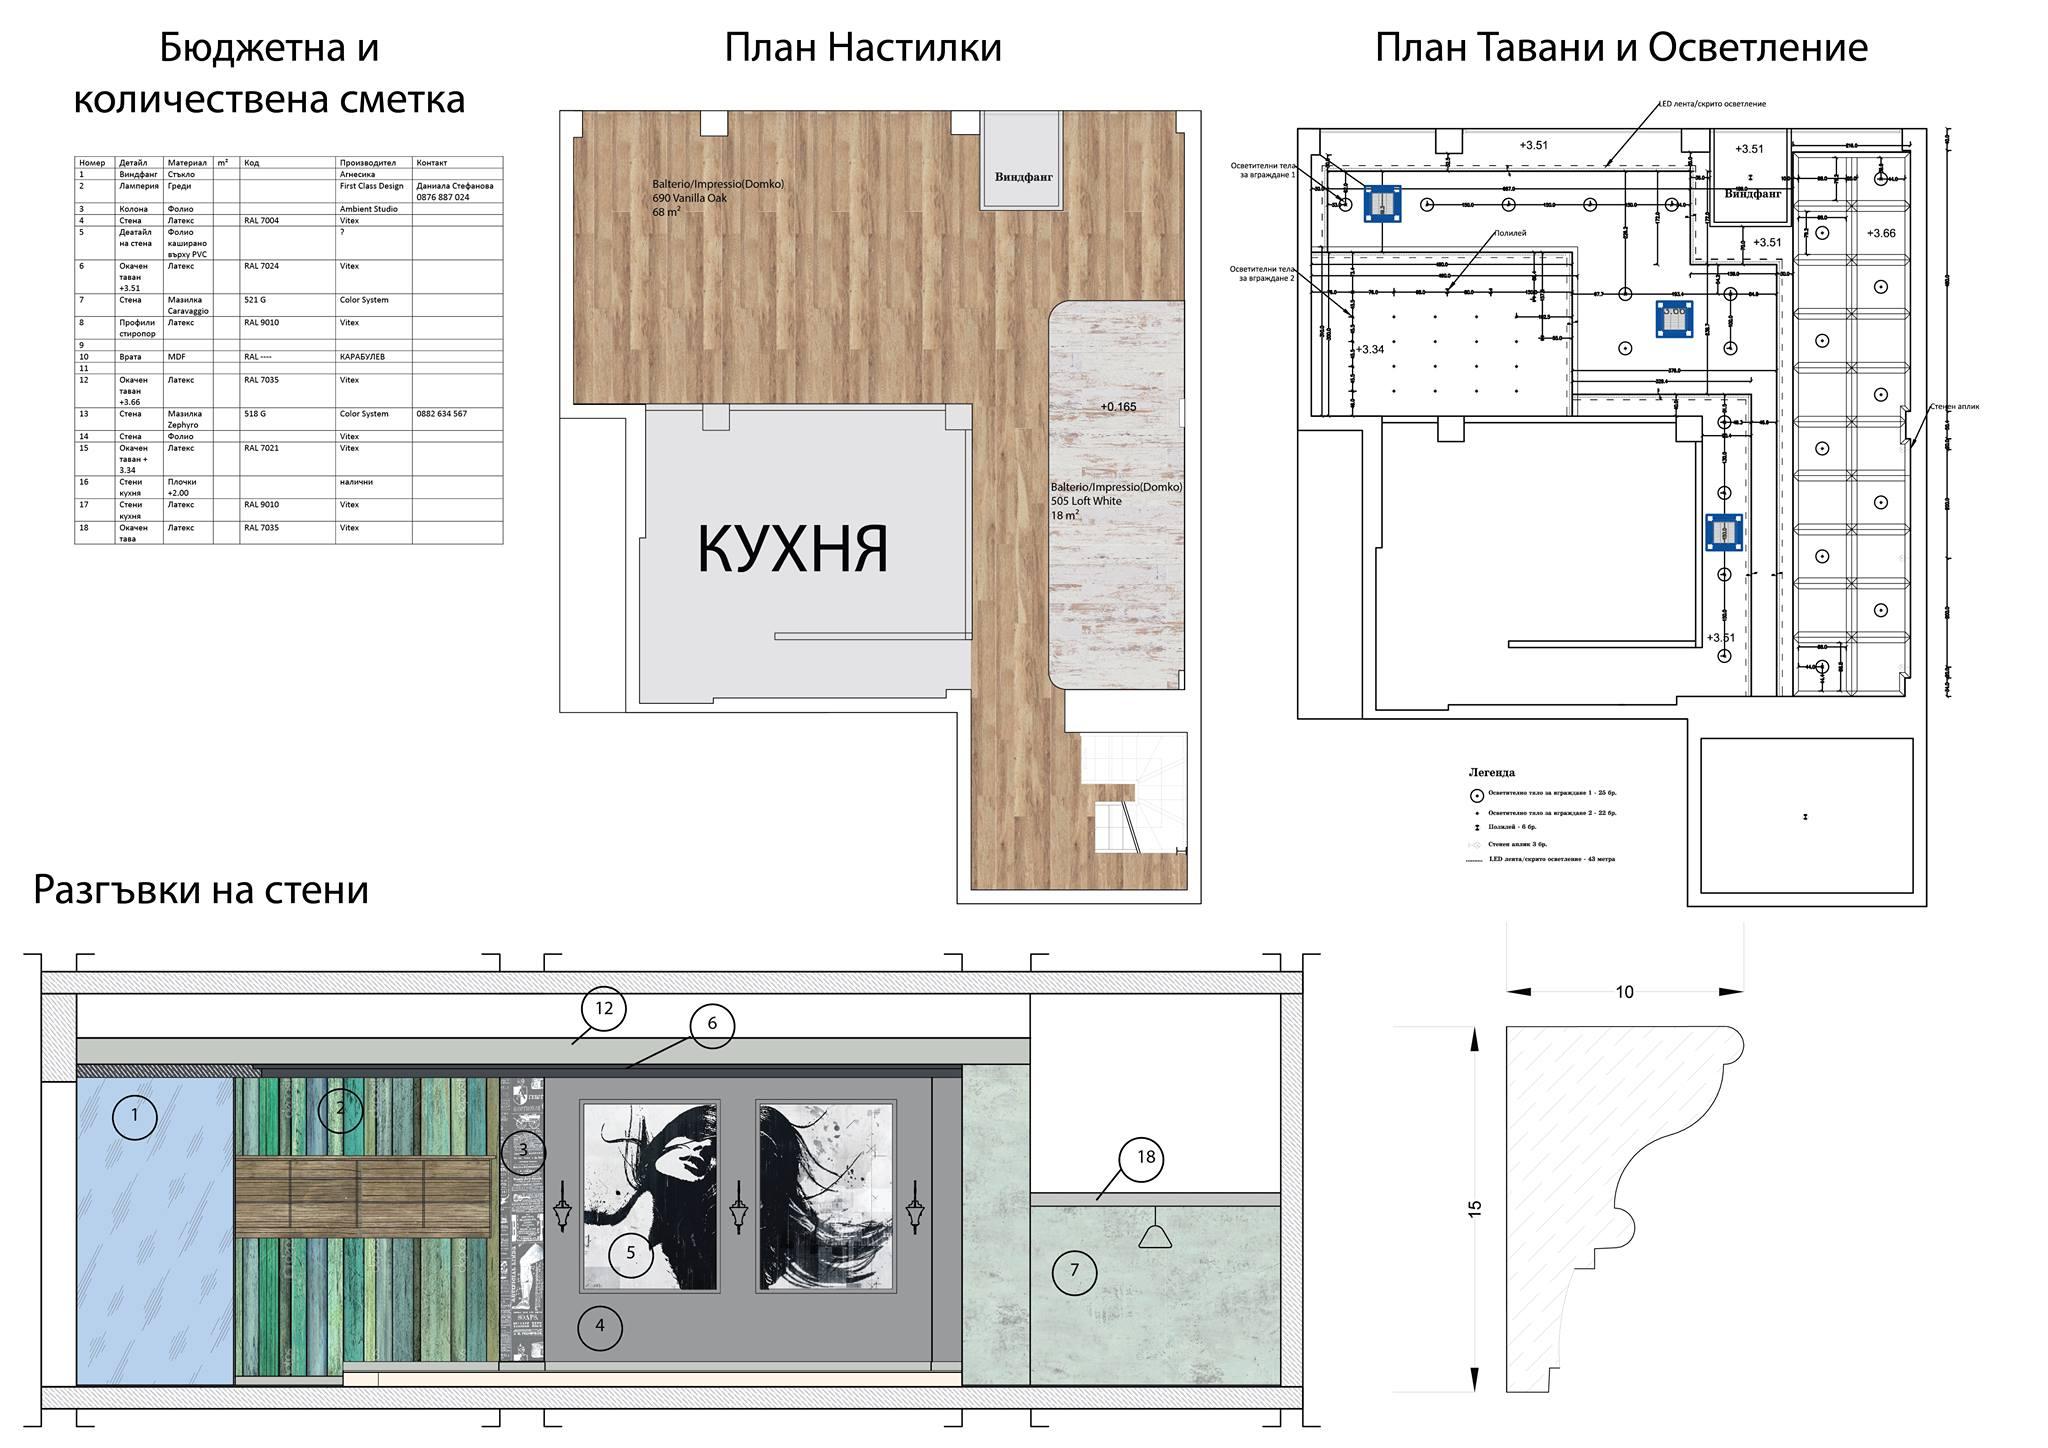 Raboten proekt - interioren dizain